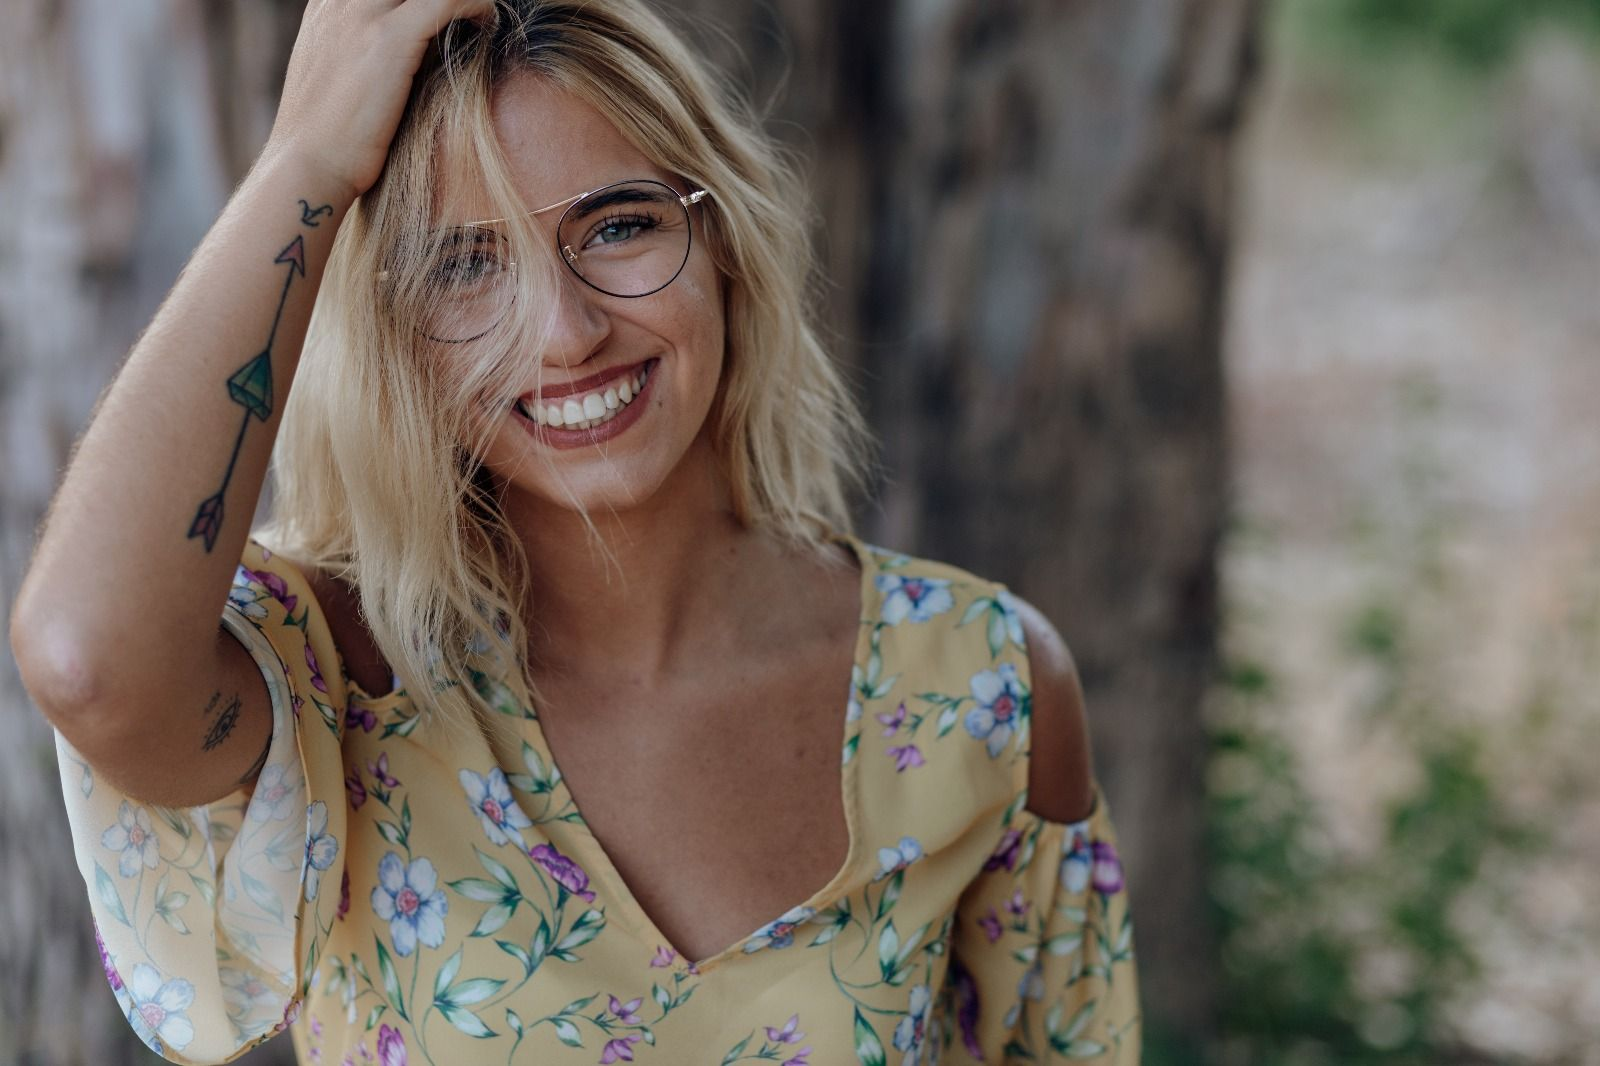 aaf012726c La máxima de esta firma andaluza era conseguir unas gafas graduadas de una  calidad media-alta por un precio 70% menor que en las tiendas tradicionales.